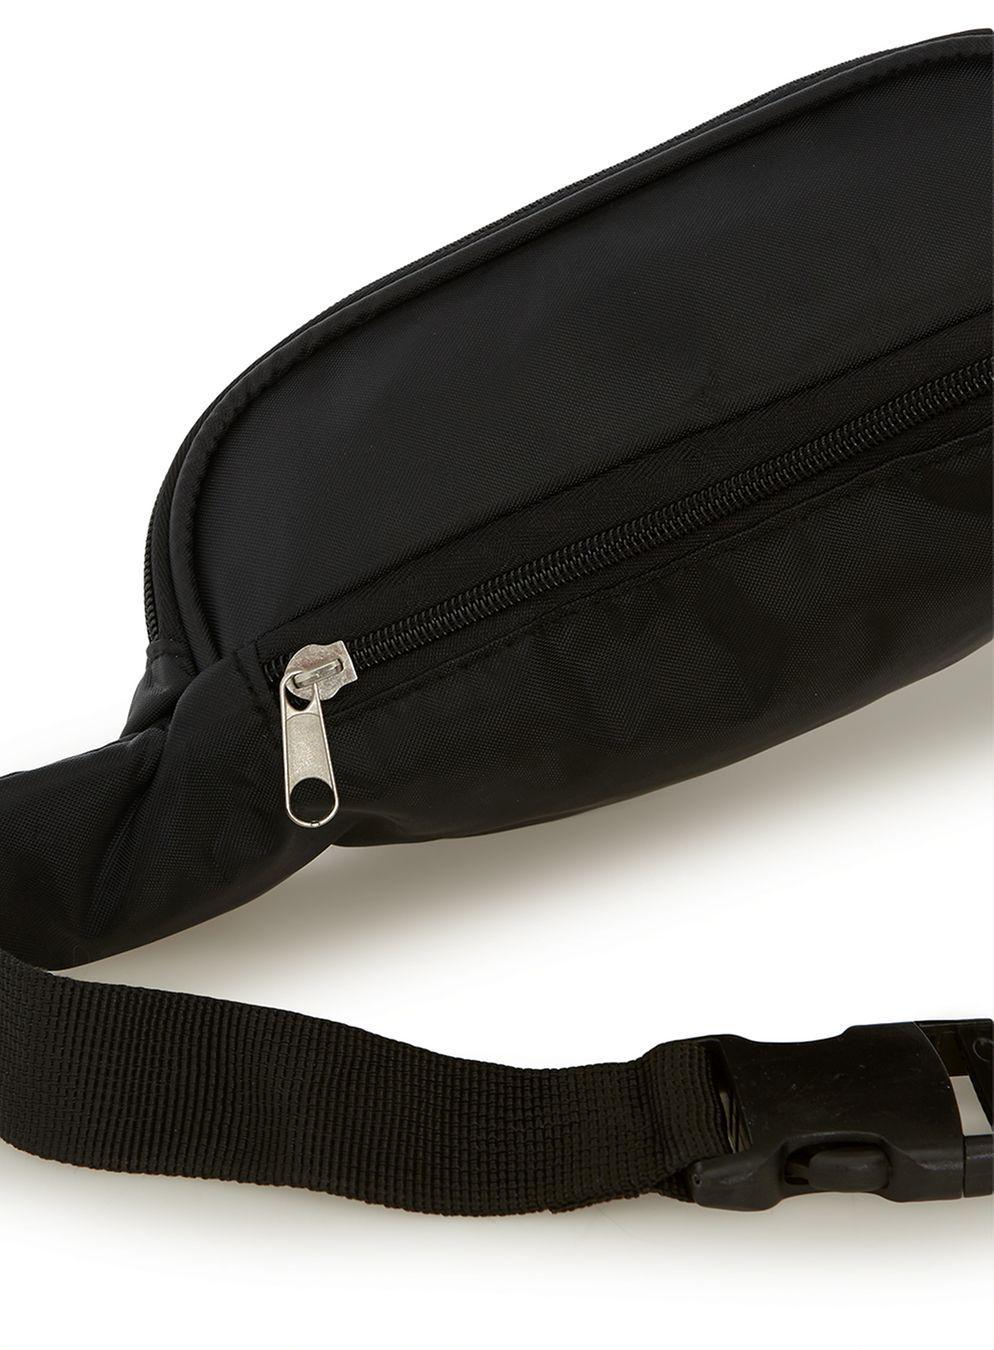 Granted Synthetic Black 'danger' Cross Body Bag for Men